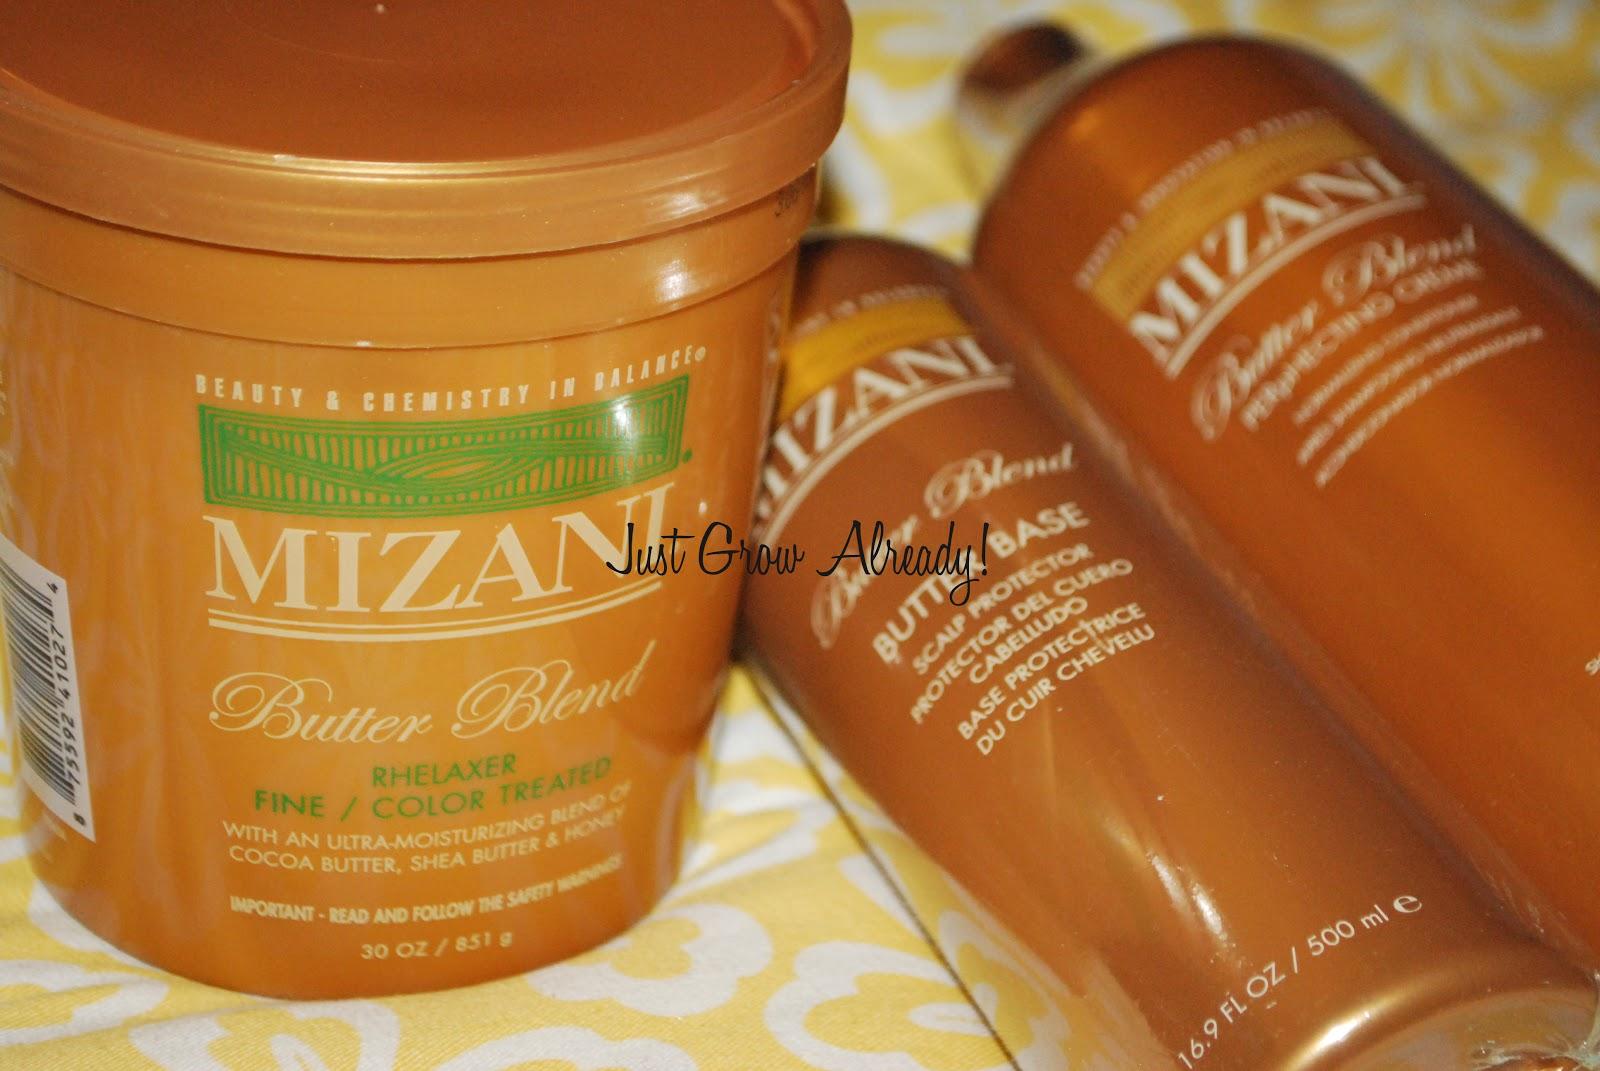 Mizani Natural Hair Products Reviews